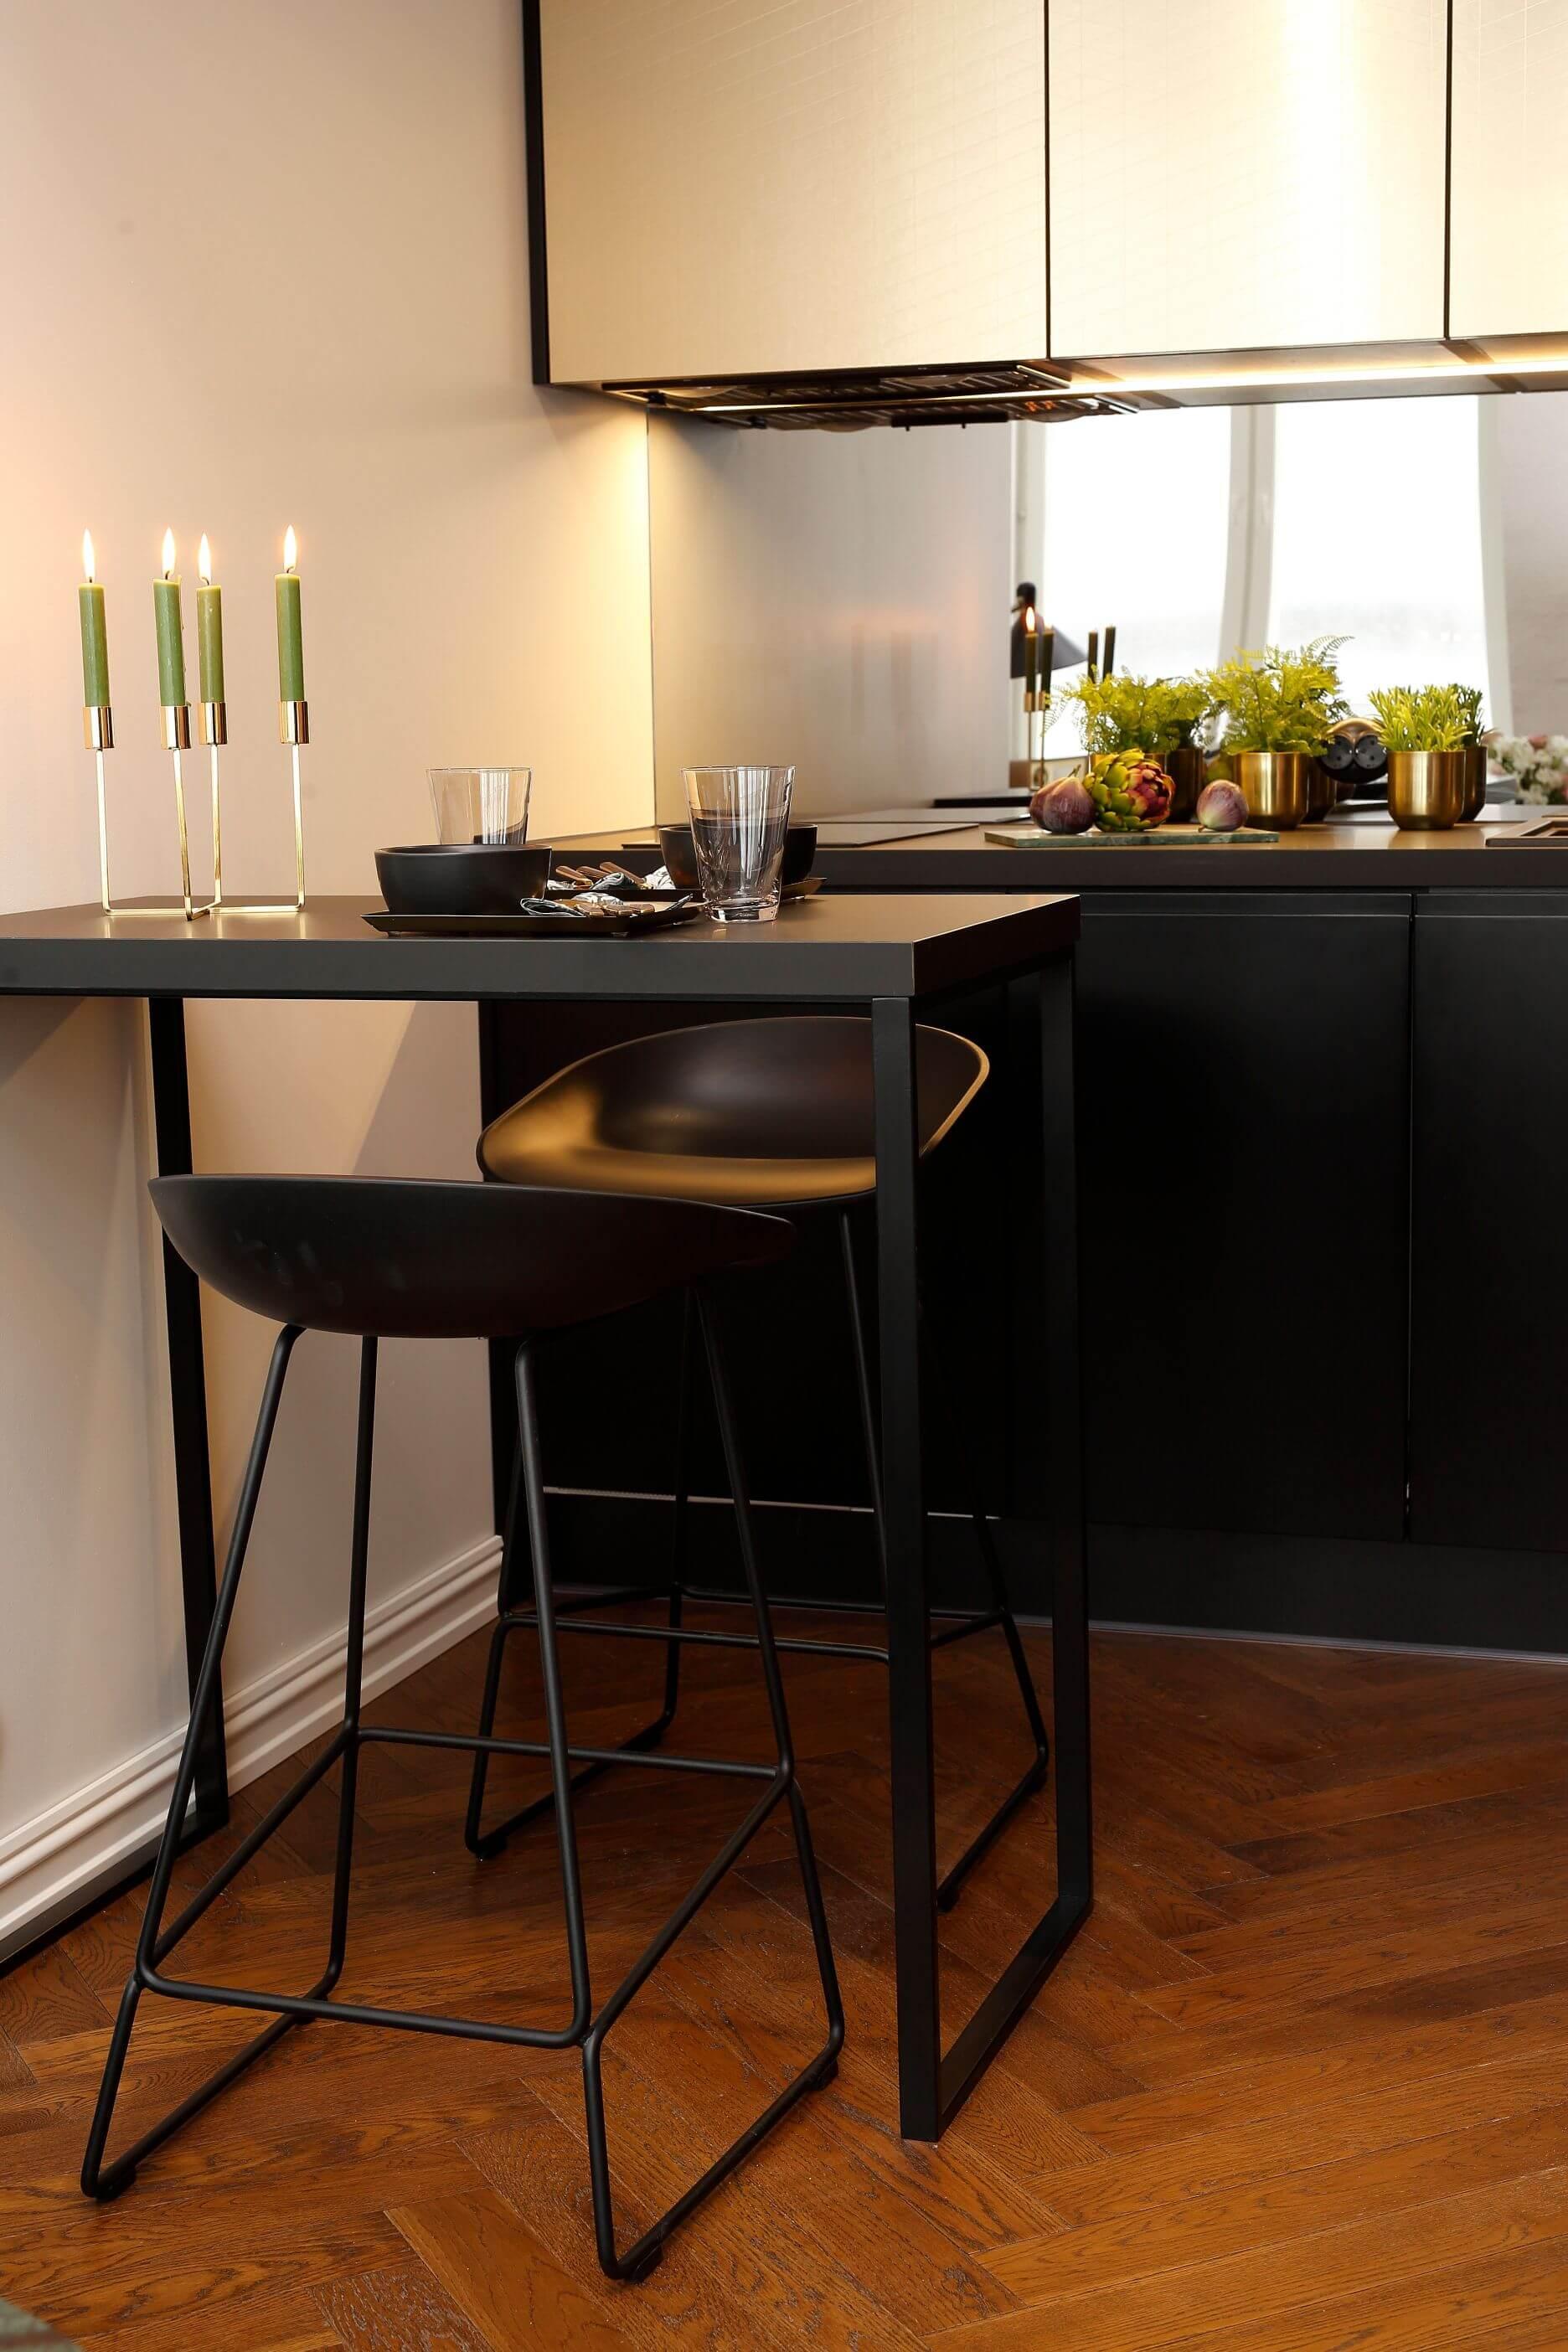 Väike köök sisustusproff köögimööbel Hay pukktool Elke mööbel